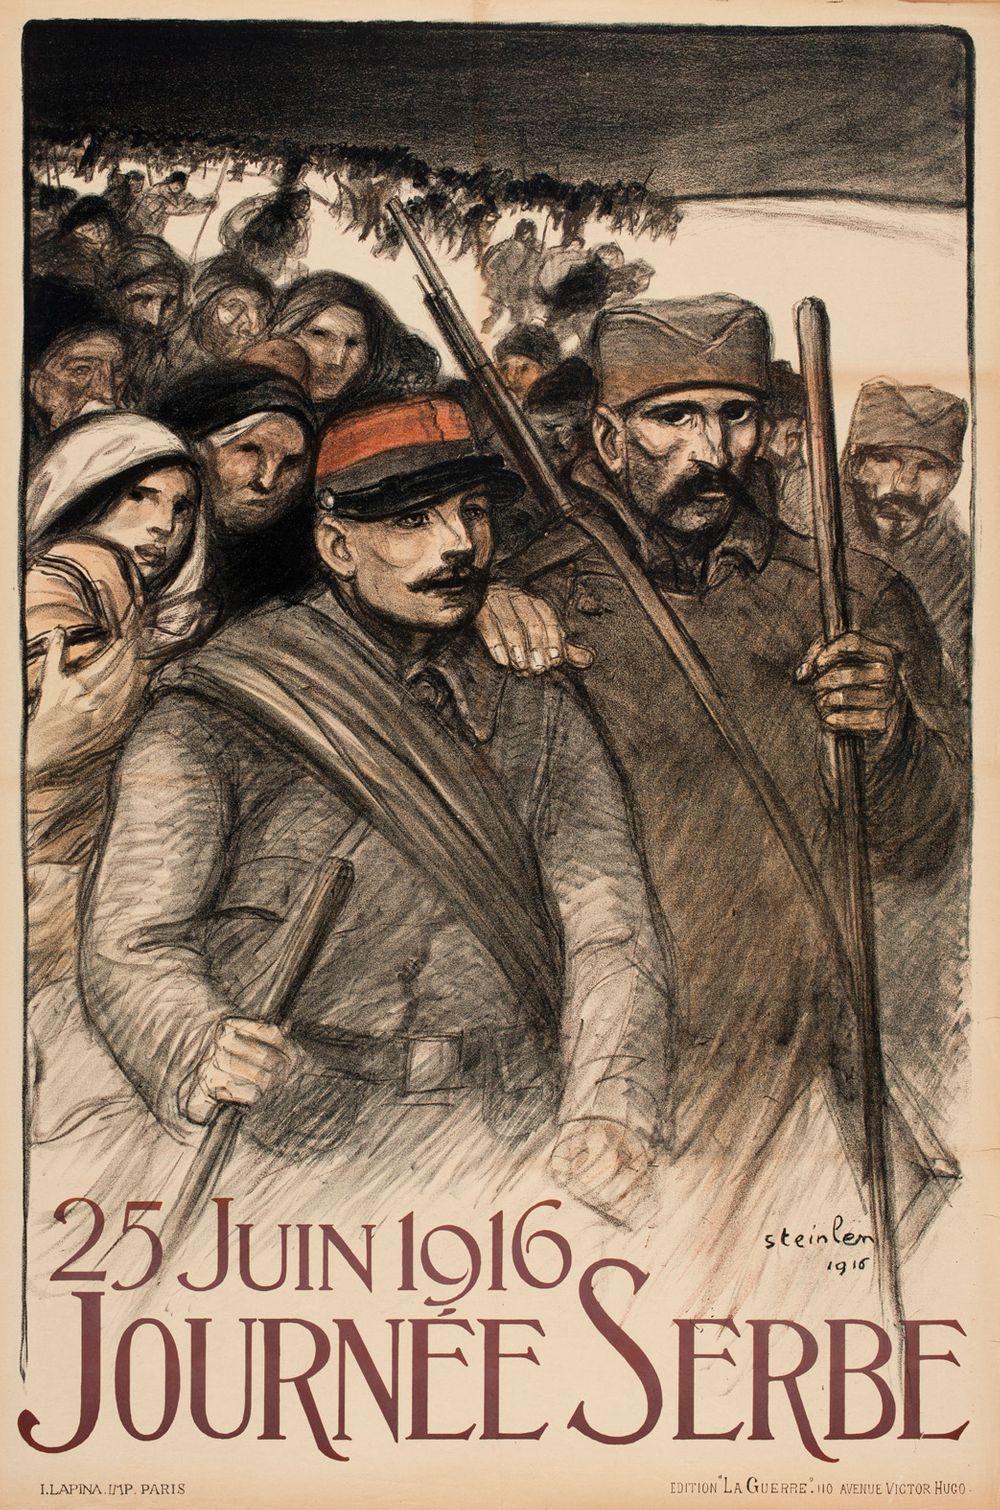 25 Juin 1916 Journée Serbe (juliste)